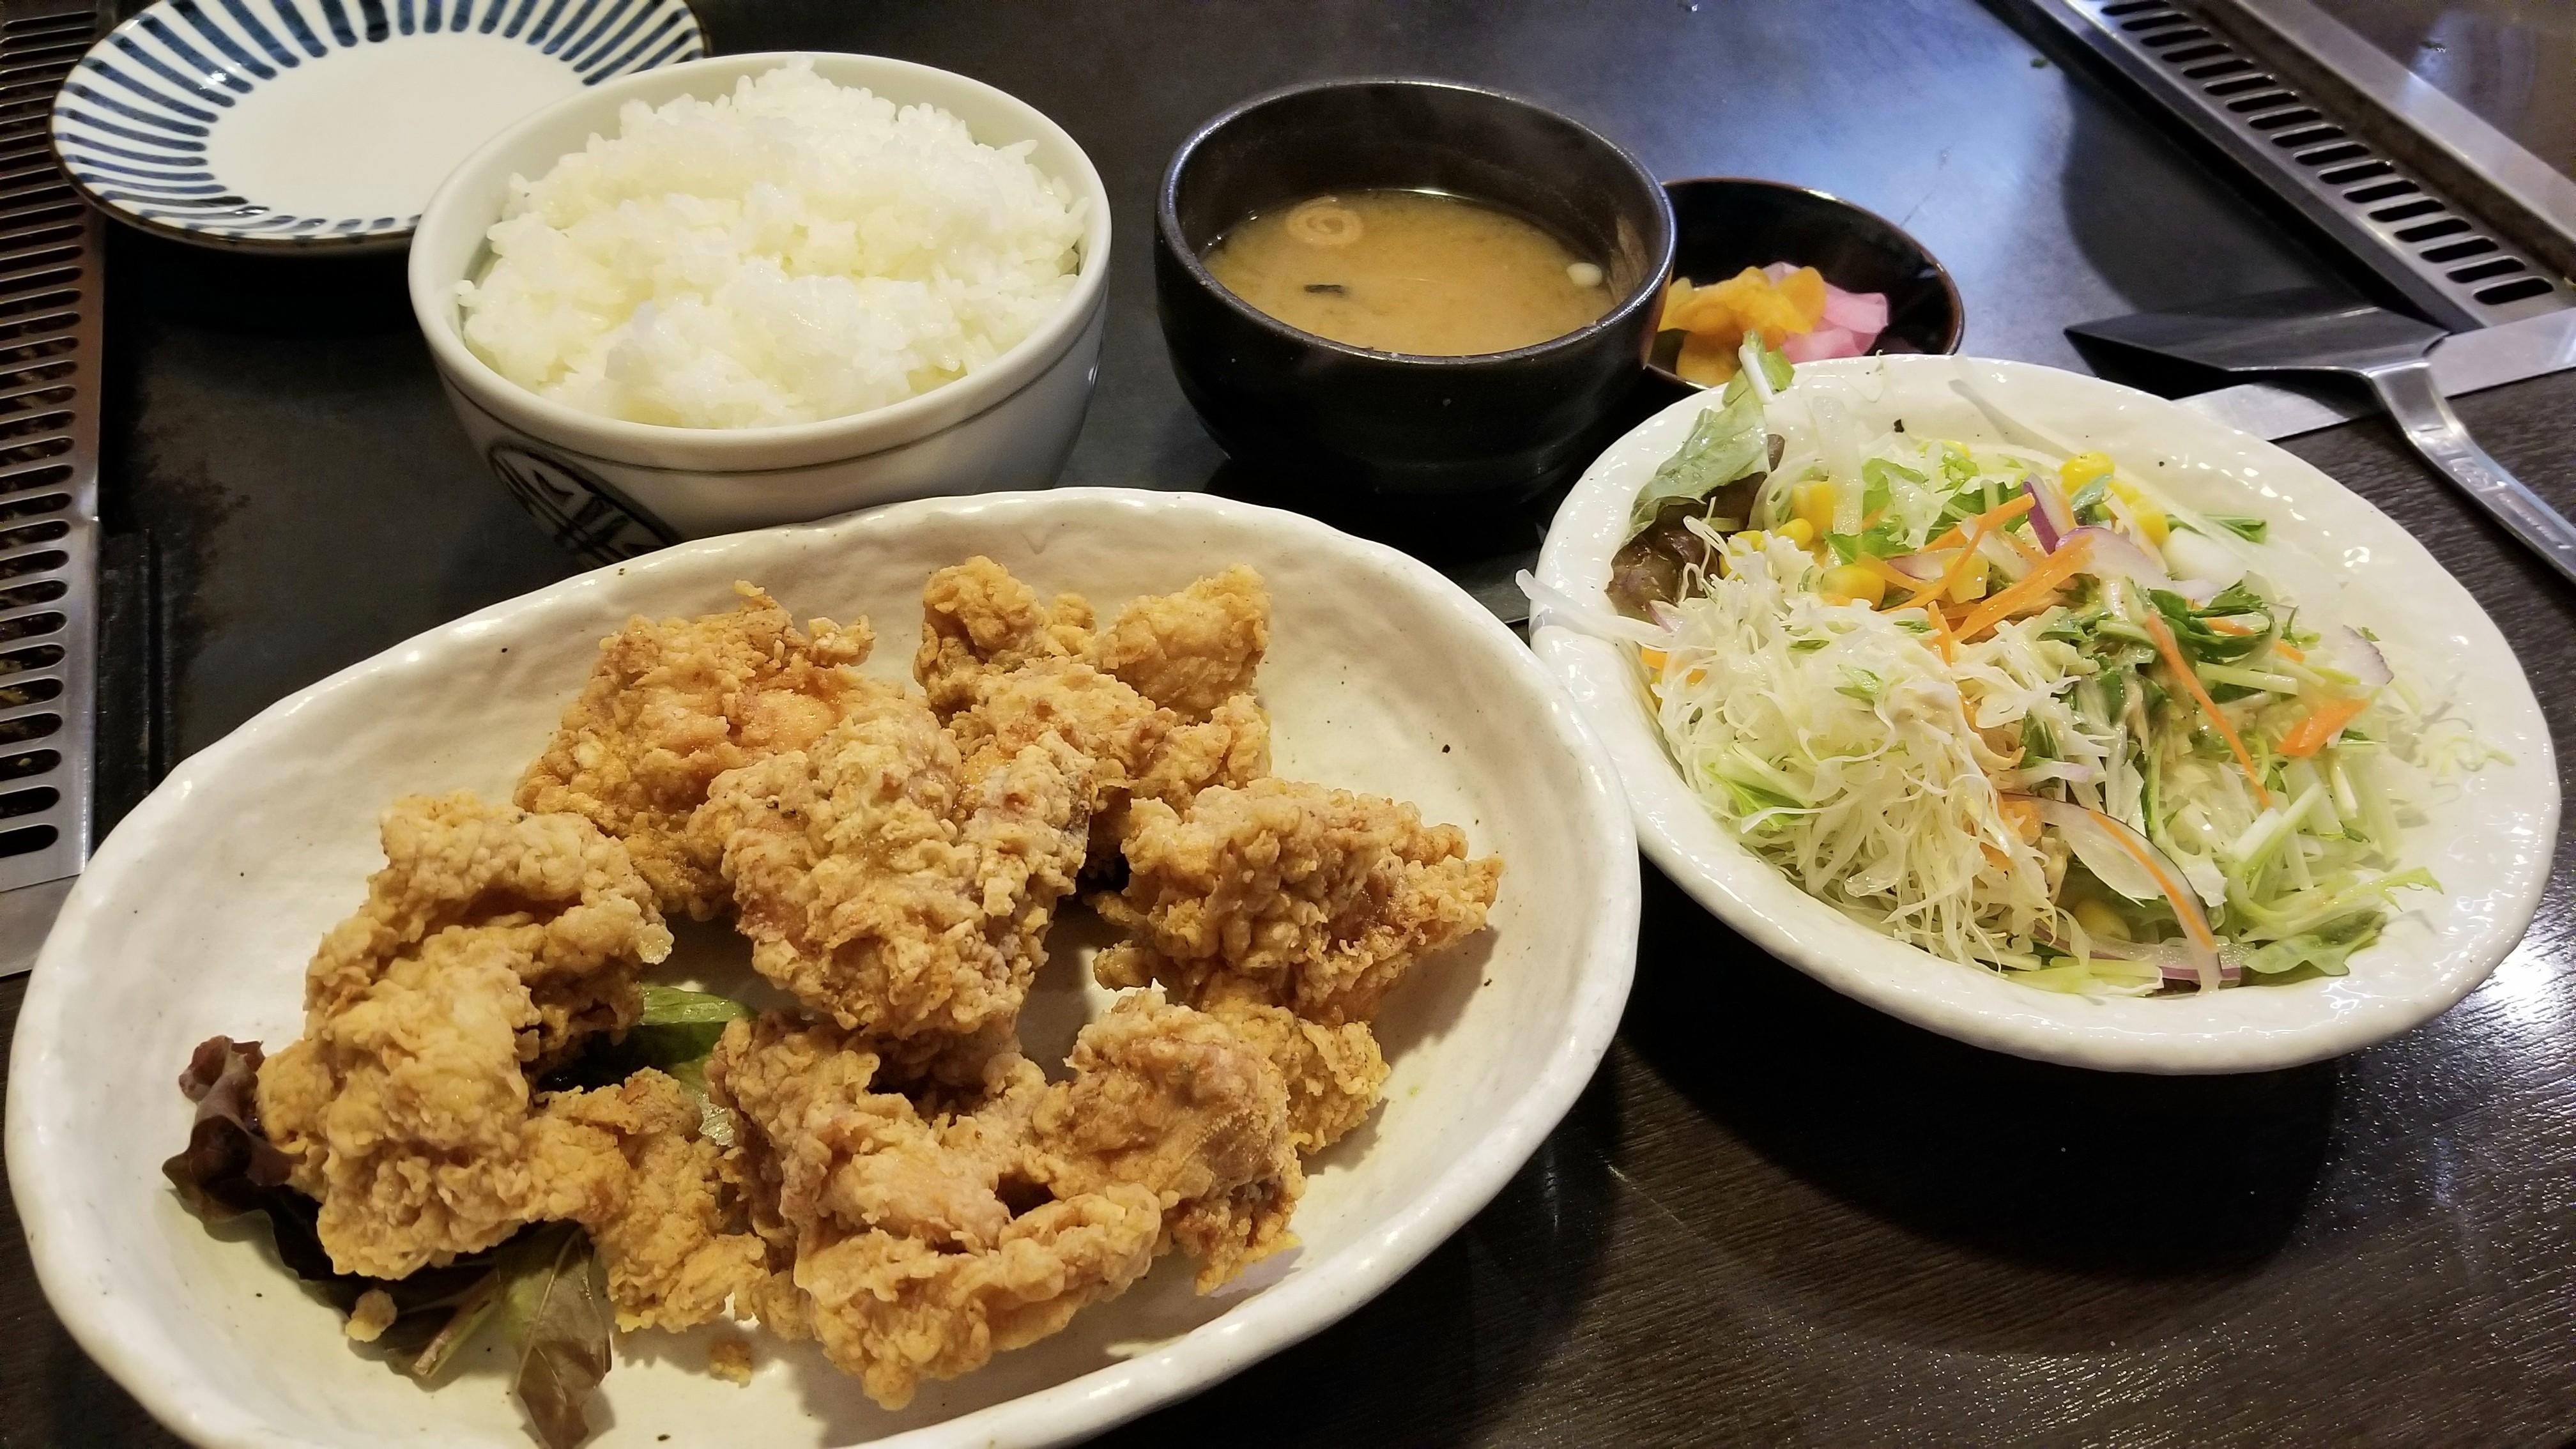 愛媛県松山市お好み焼き屋からあげ美味しいおすすめランチ人気有名店